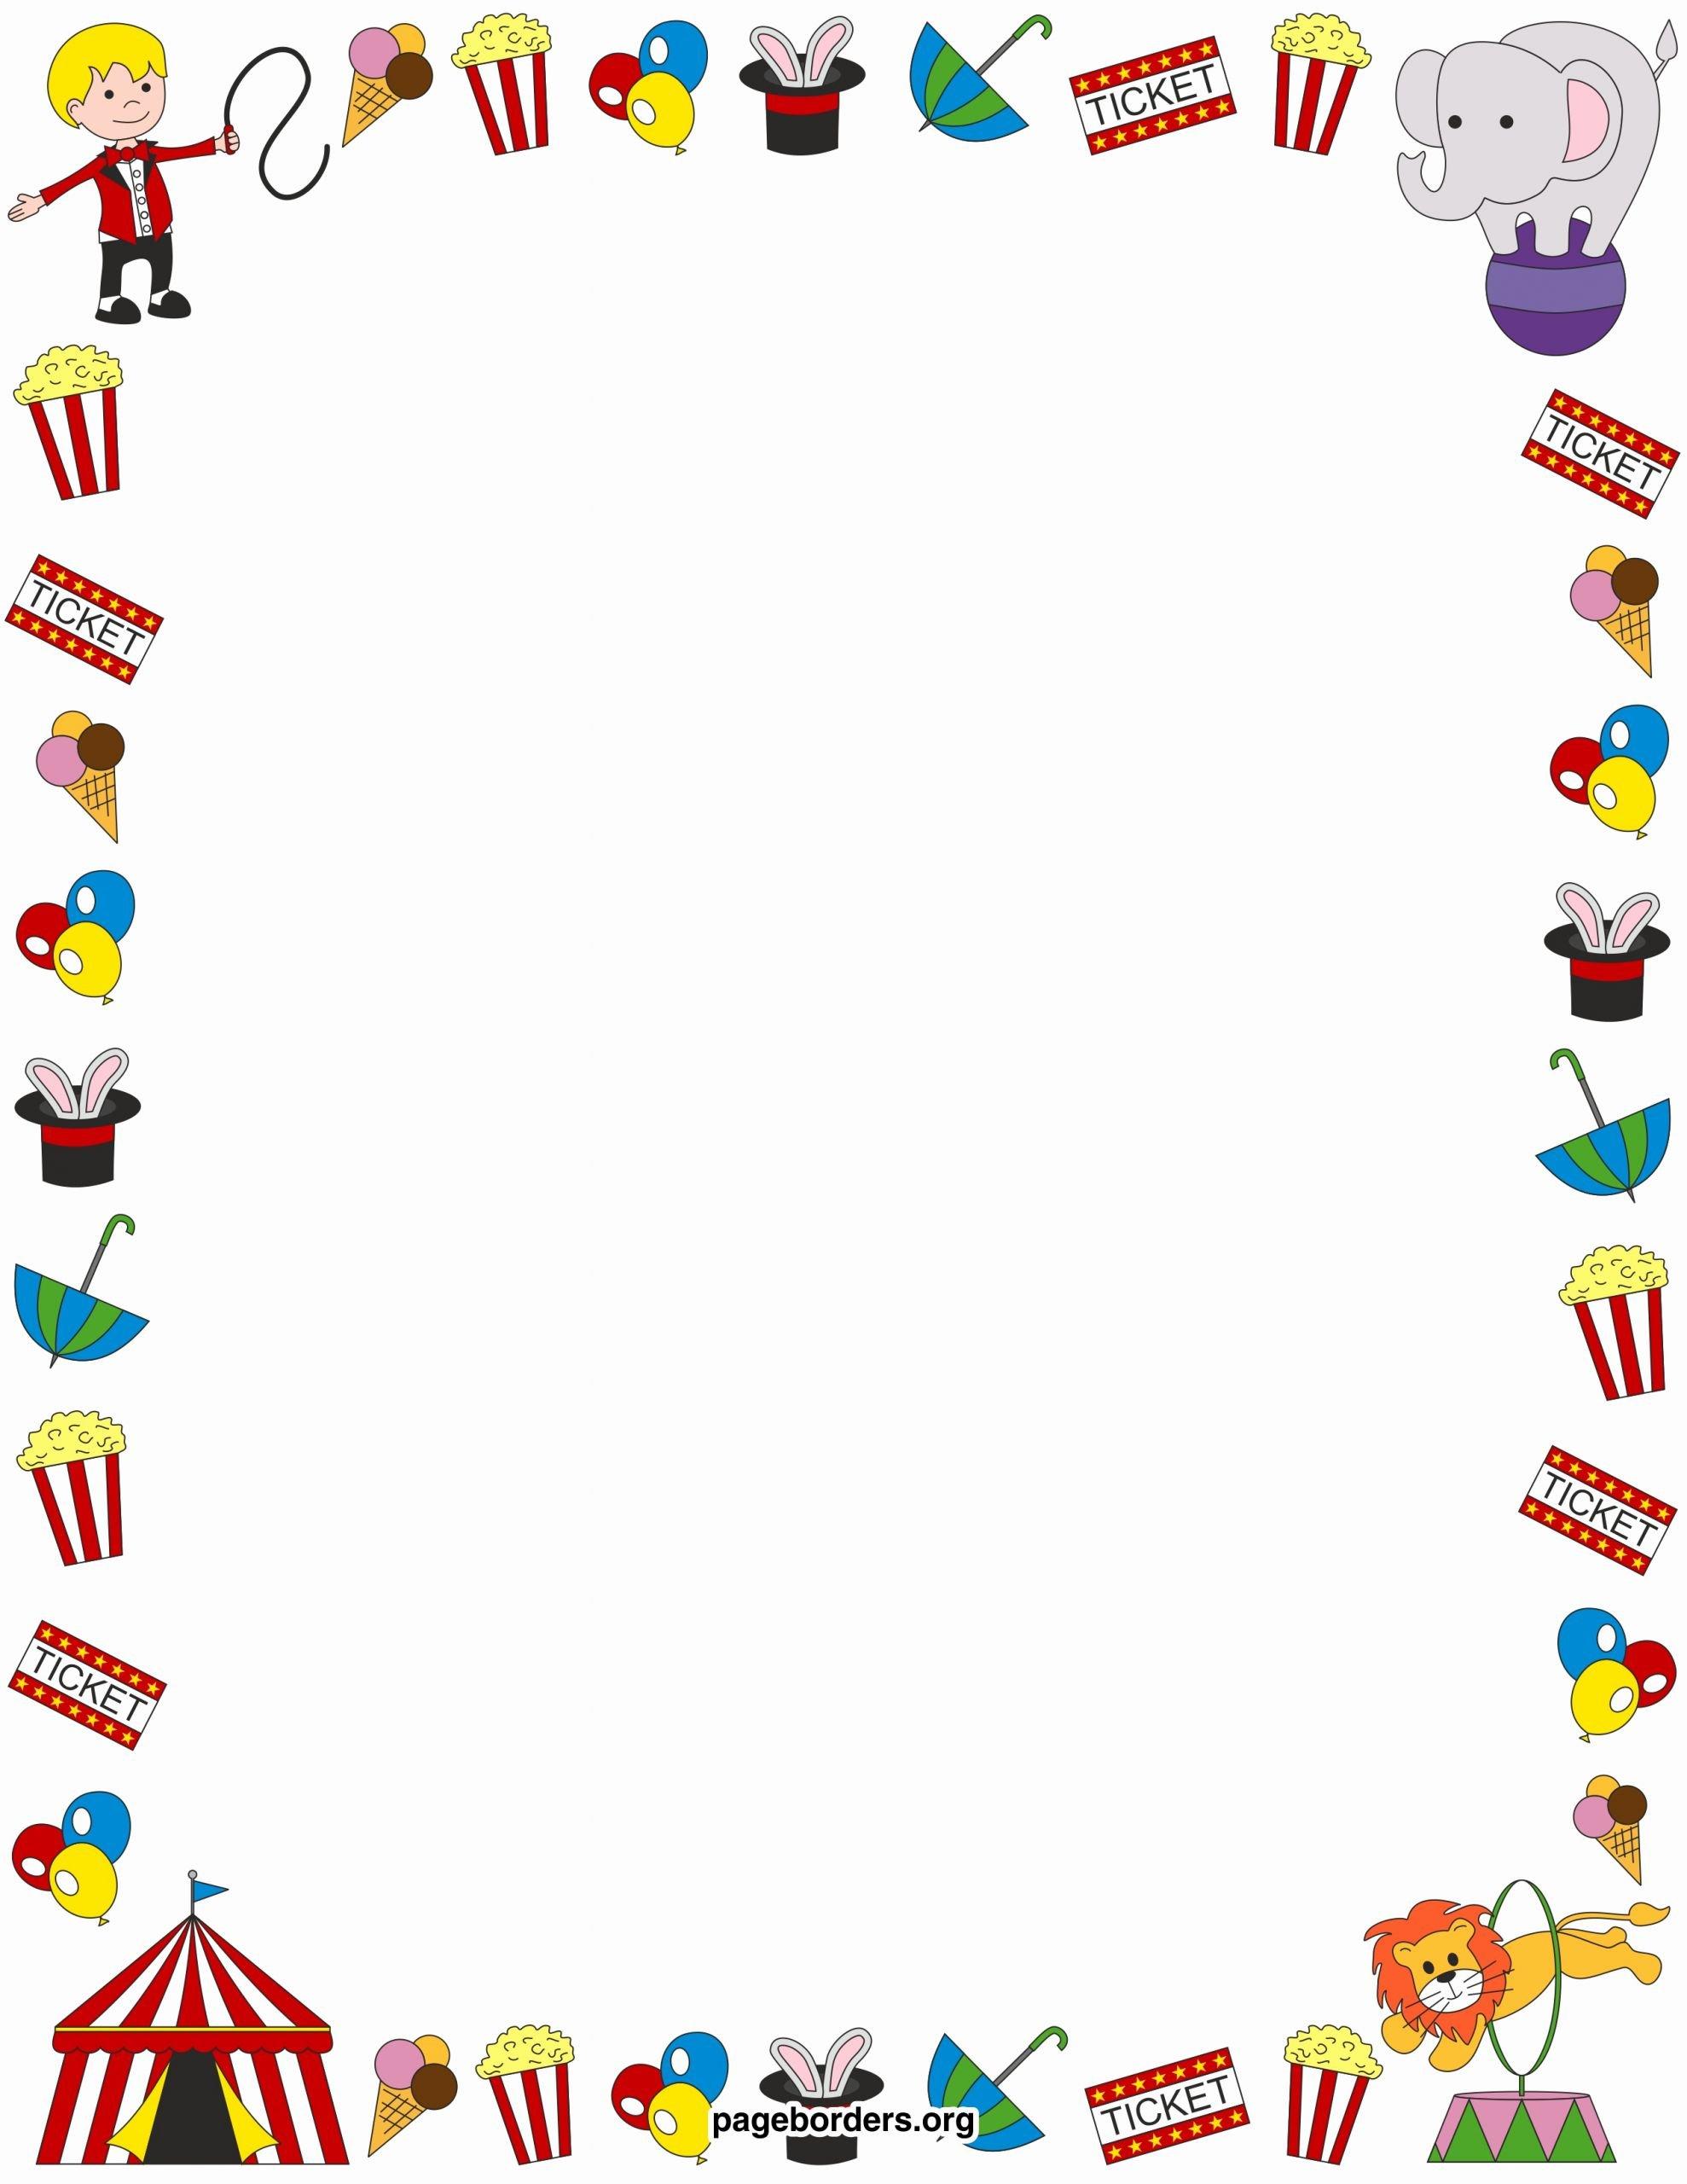 Preschool Borders for Word Inspirational Preschool Clipart Borders – 101 Clip Art